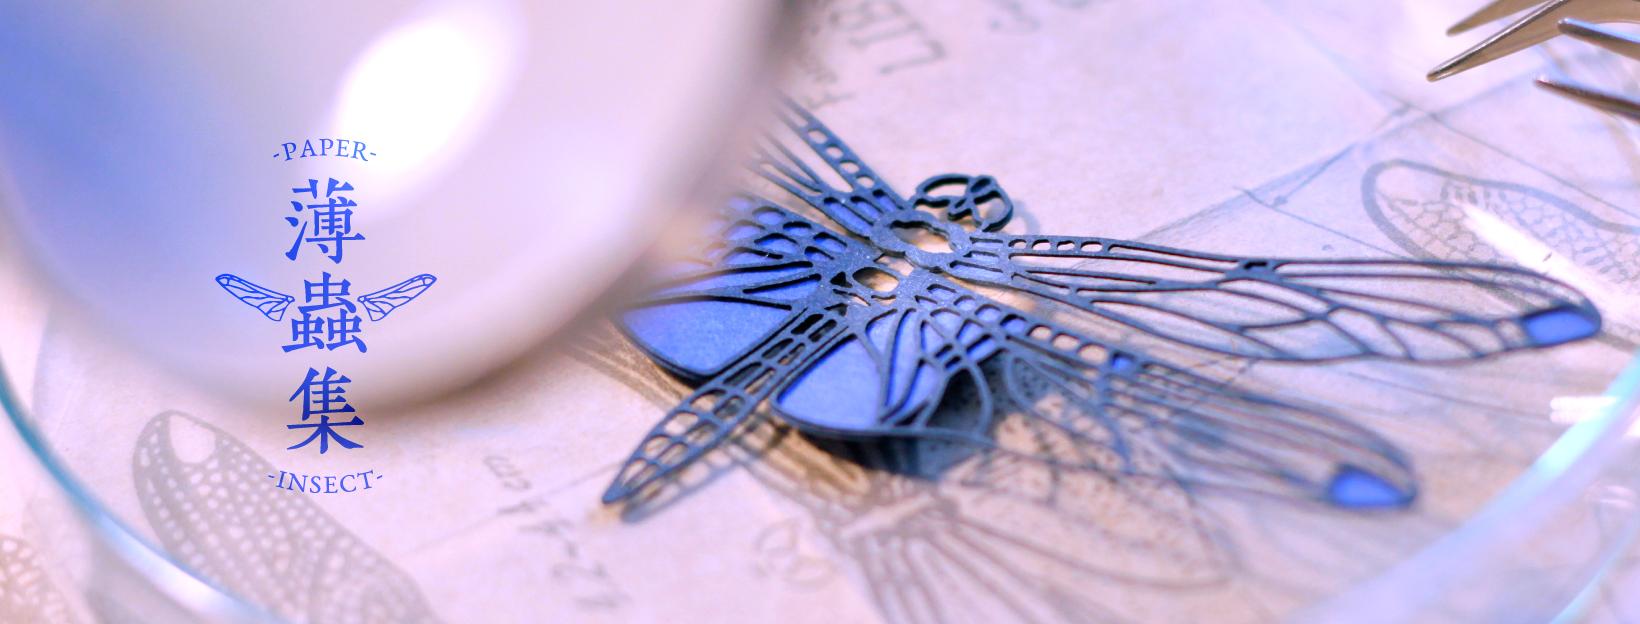 紙雕應用看這裡!雕出雷雕工藝競賽特優獎